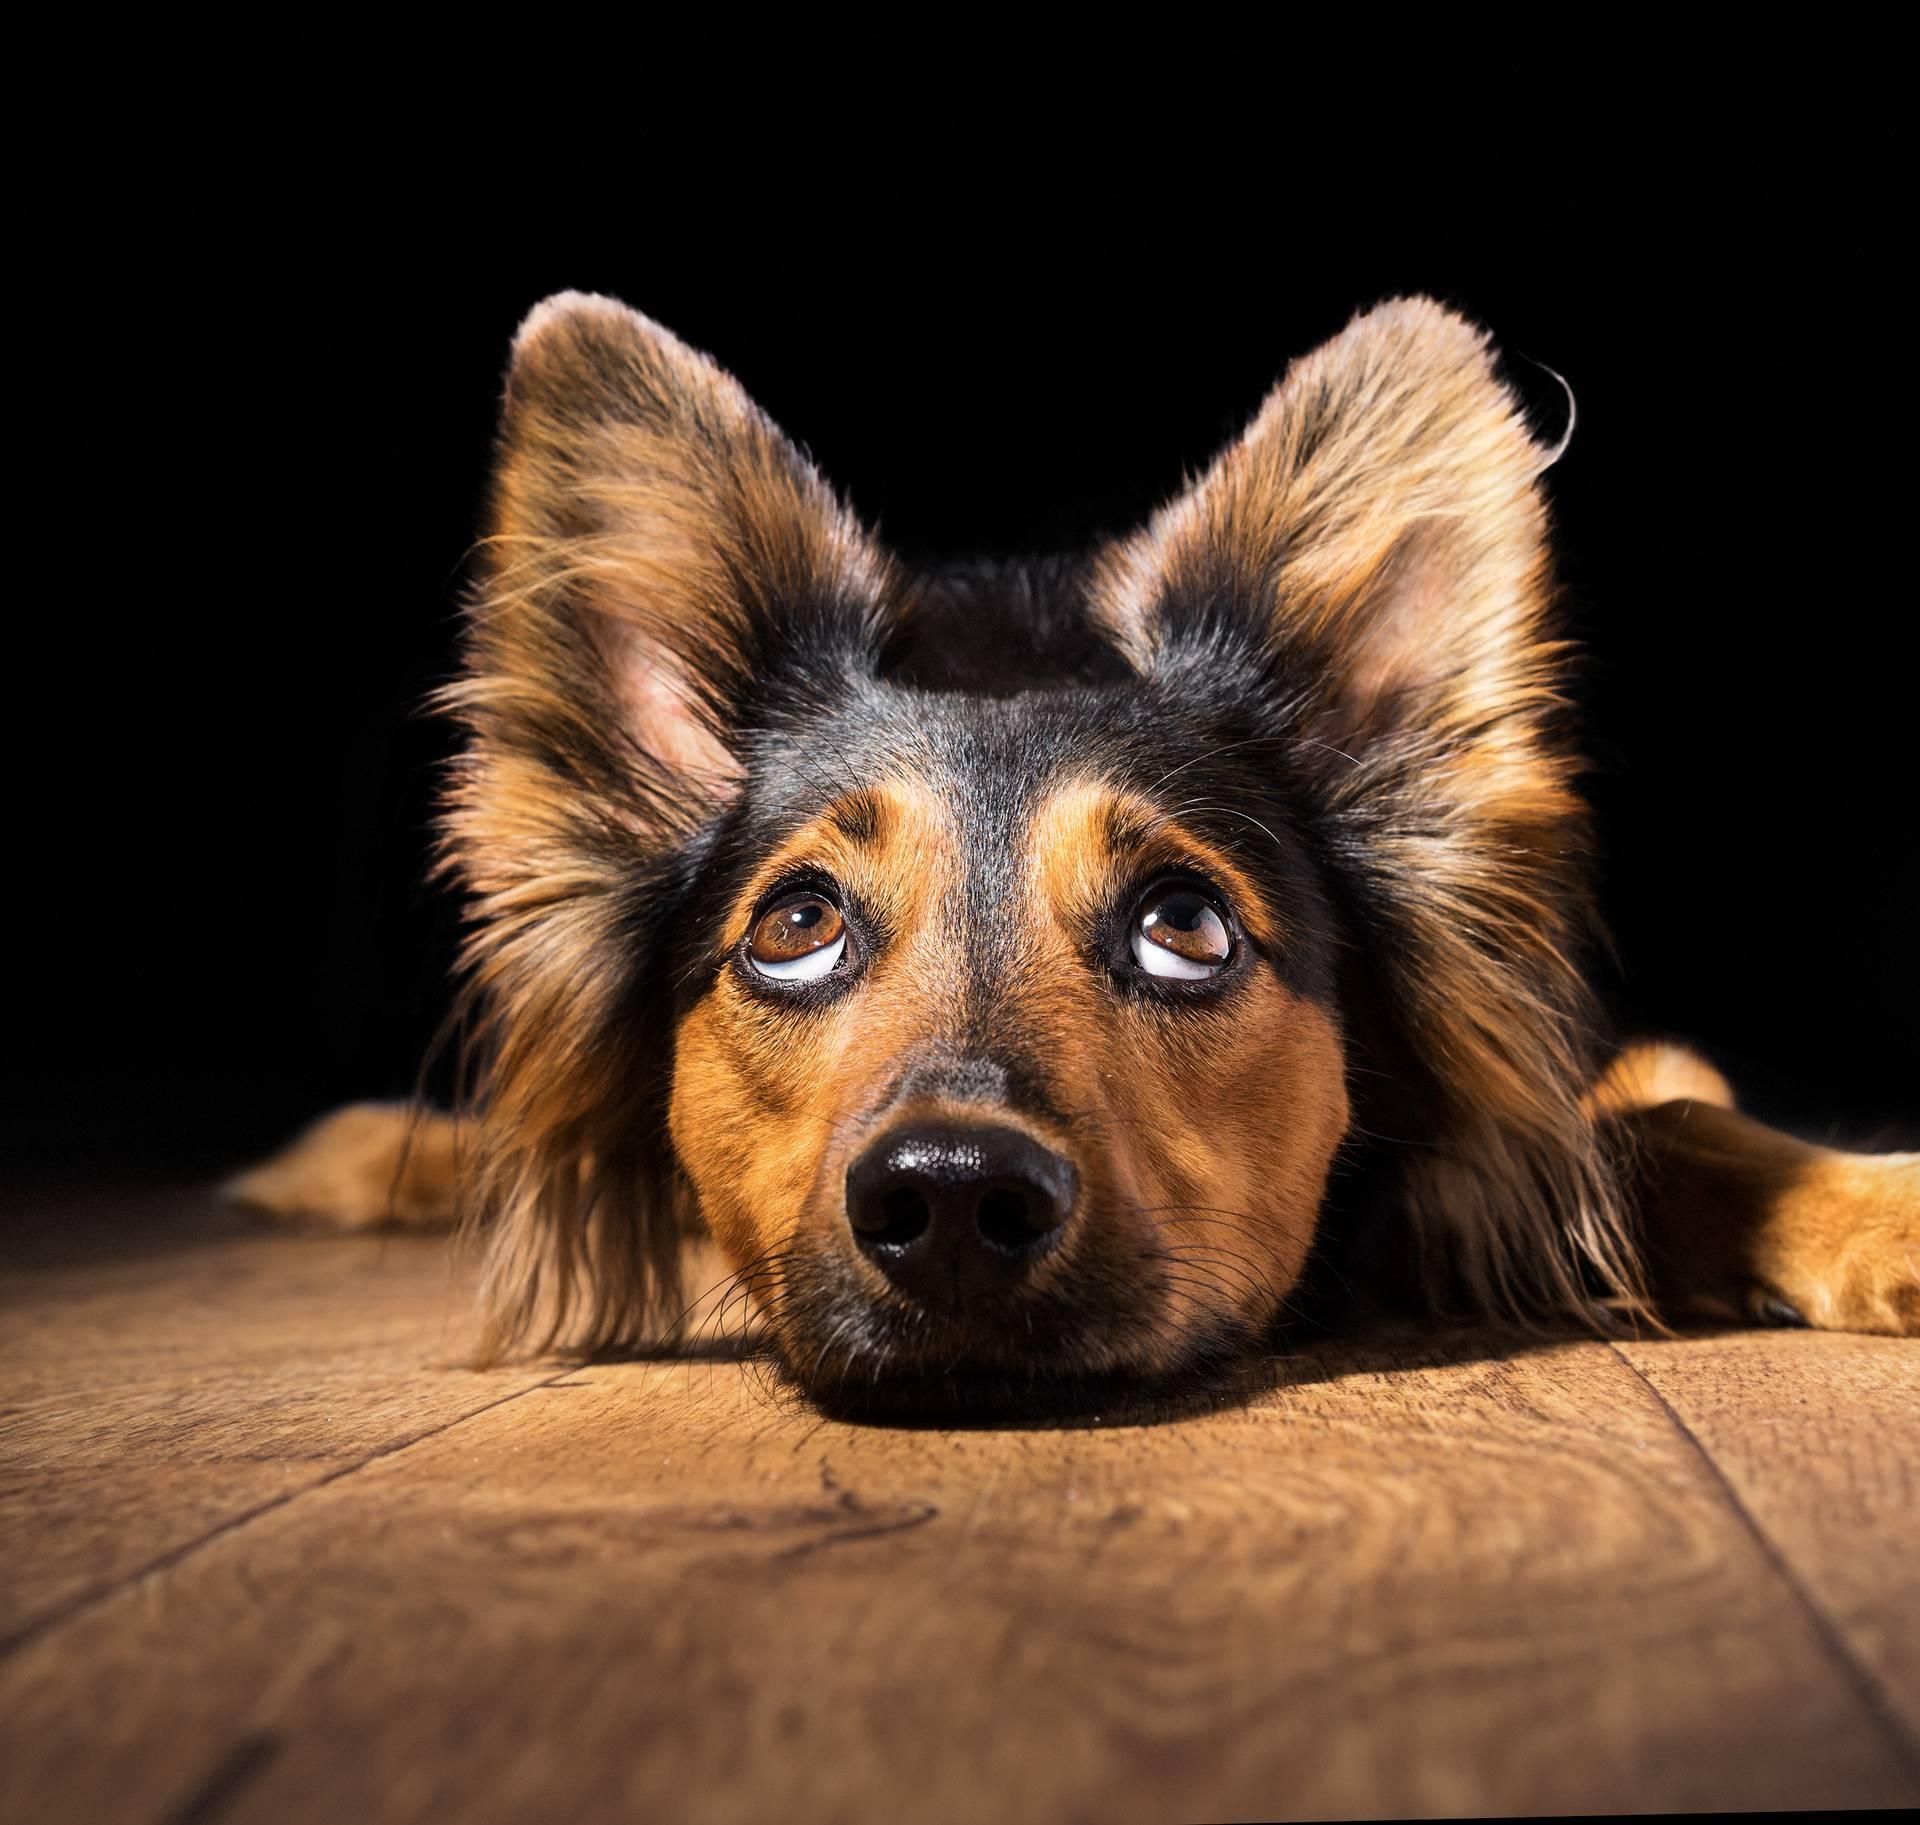 Znate pogled koji pas ima kada nešto zezne? To nije krivnja